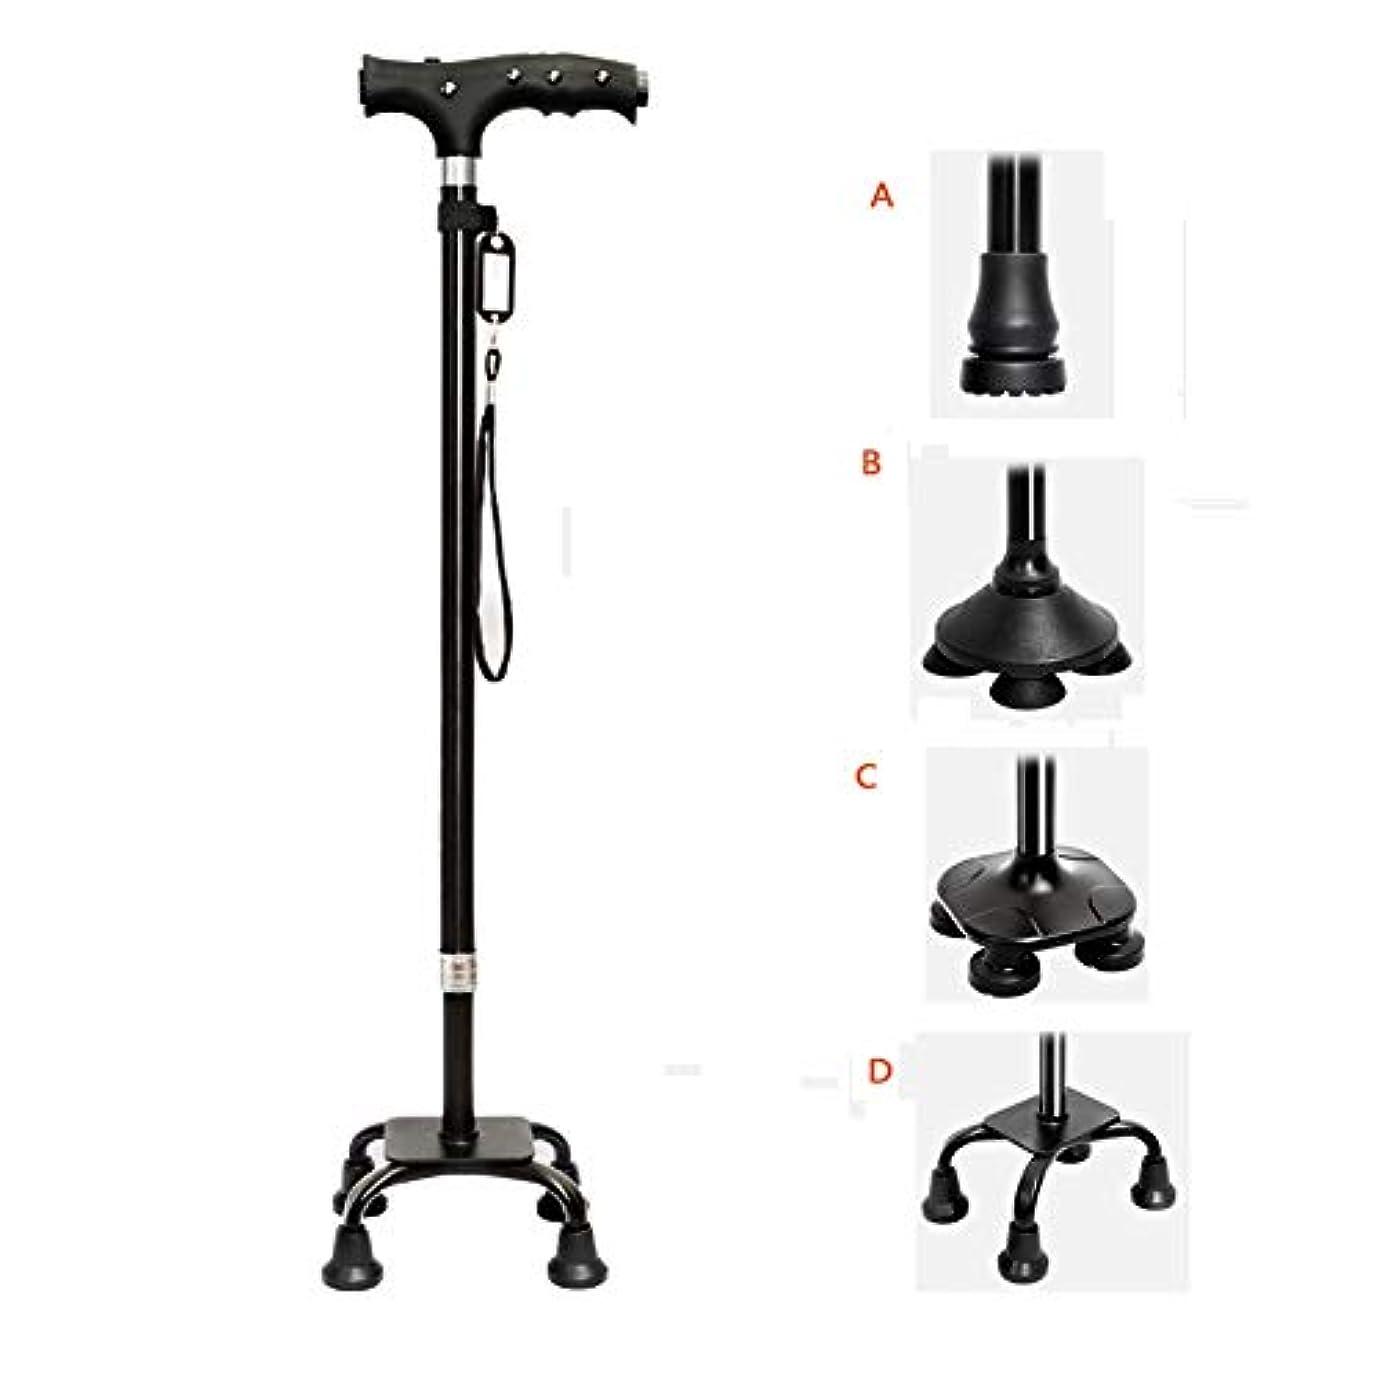 良性ことわざ共役軽量ステッキ - 高齢者用四隅滑り止め、磁気マッサージ付き杖、アルミ製キャンプ用ハイキングポール、エルゴノミックハンドル(松葉杖ベースは変更可能) (Color : Black, Size : D)